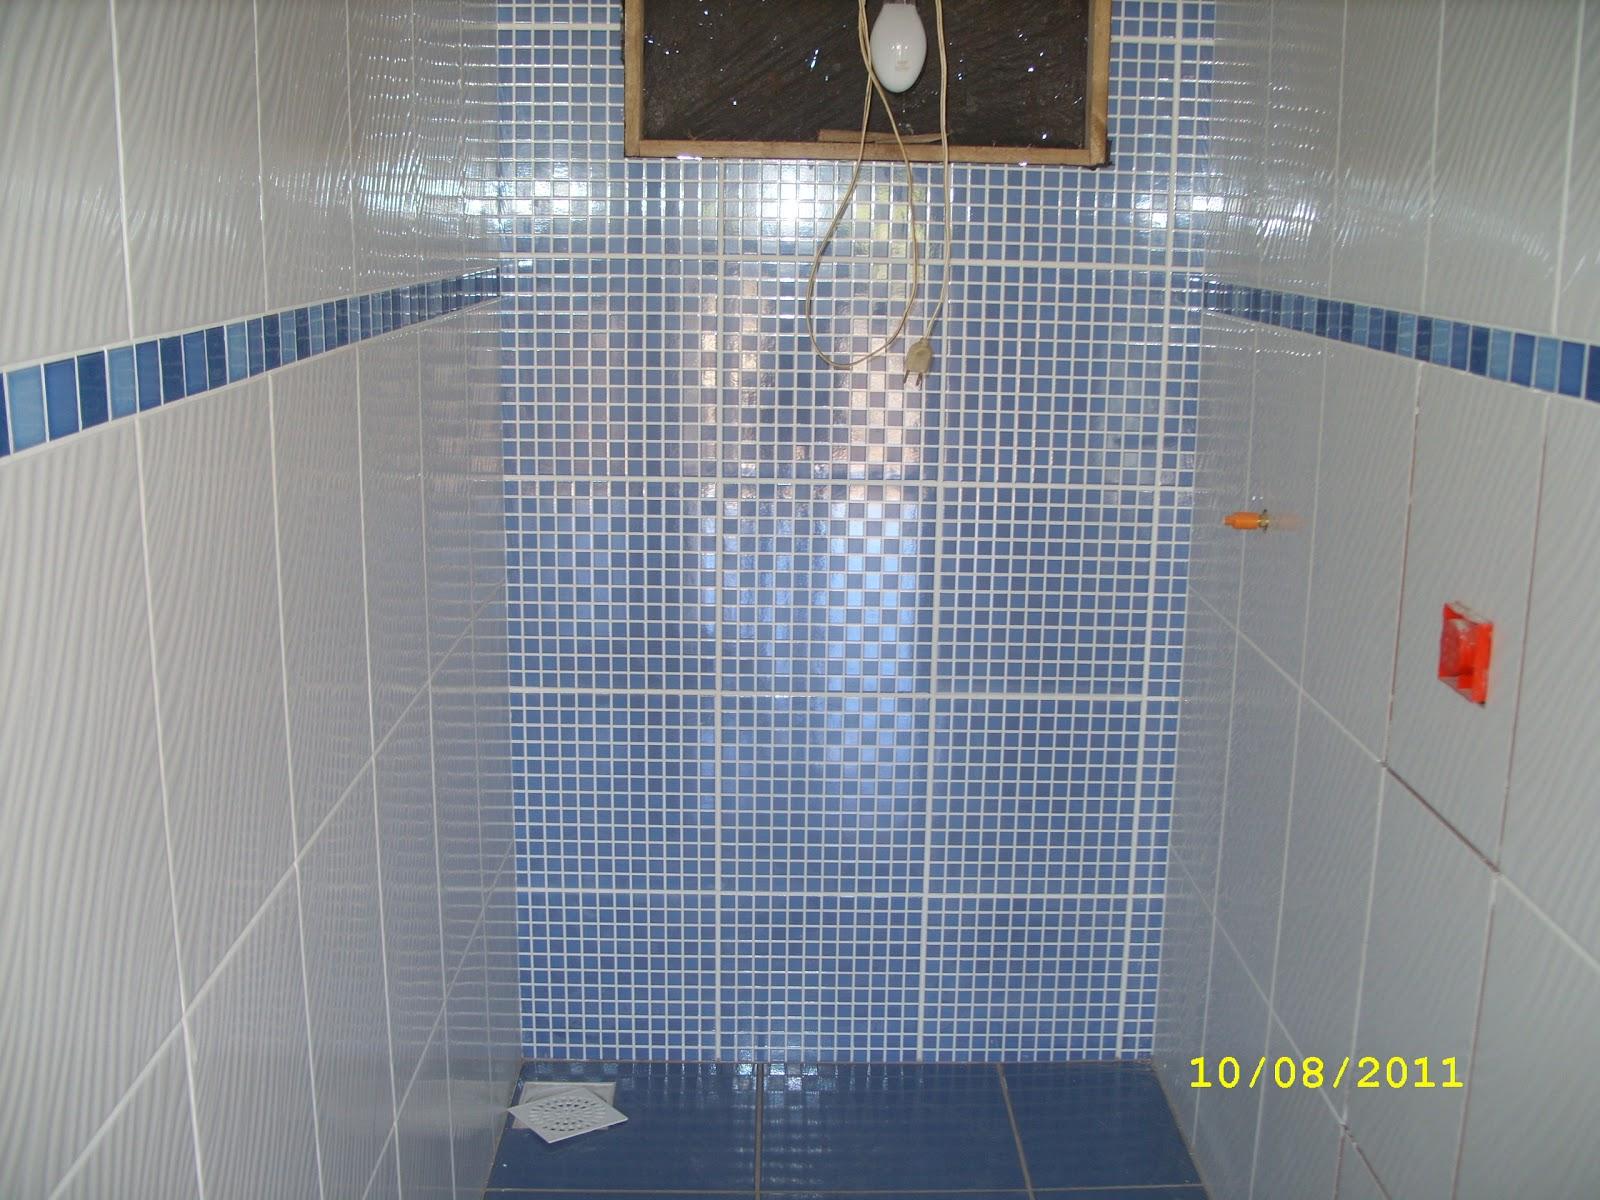 Adilson Simone e Lilica em construção!!!: Pisos banheiros #4A5F81 1600x1200 Banheiro Com Detalhes Azul